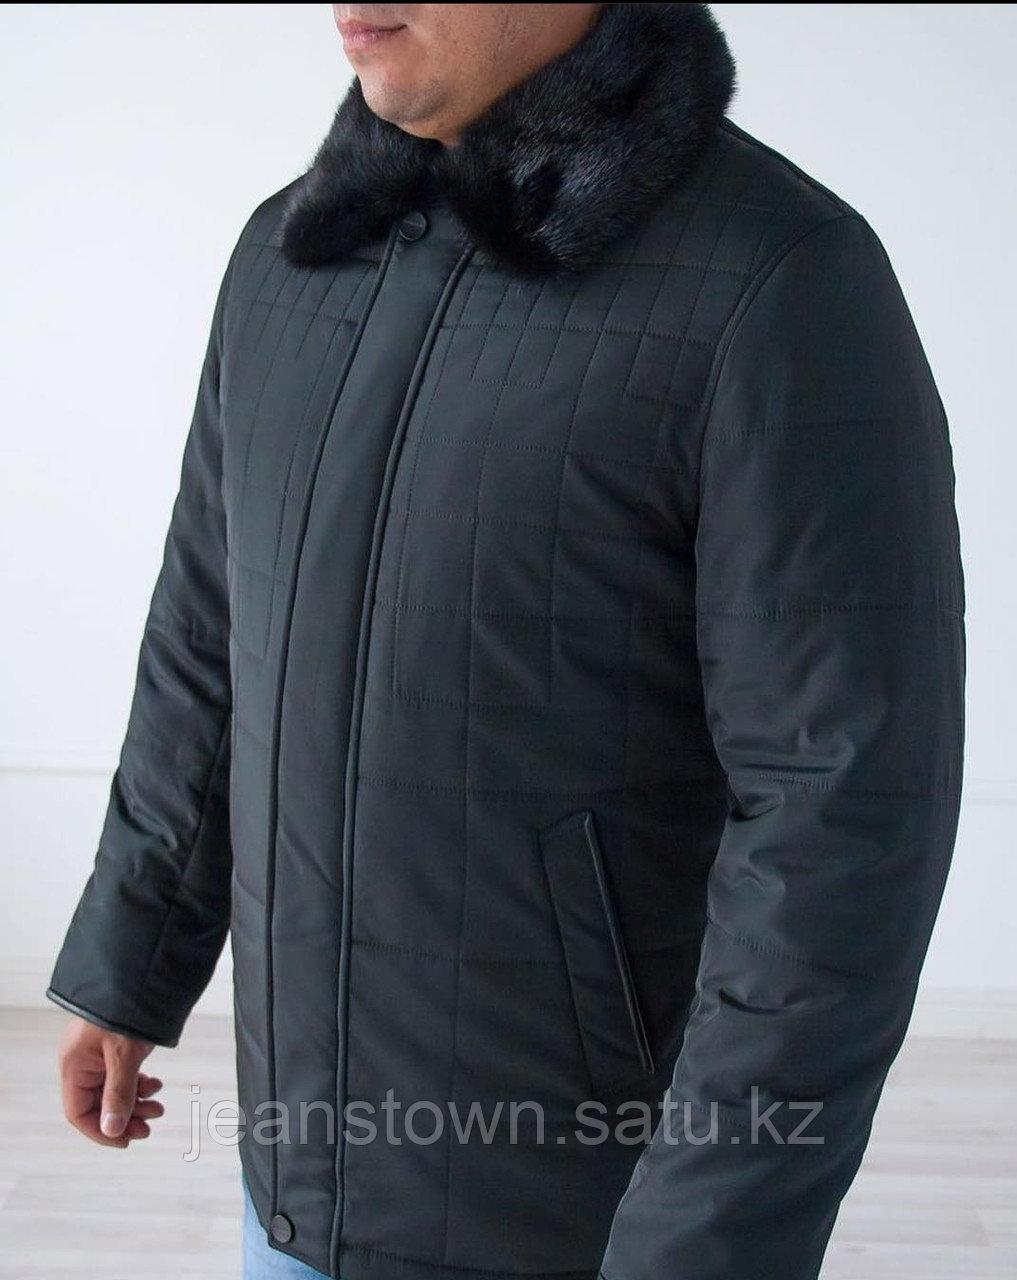 Куртка City Class мужская зимняя ,мех норки на воротнике - фото 1